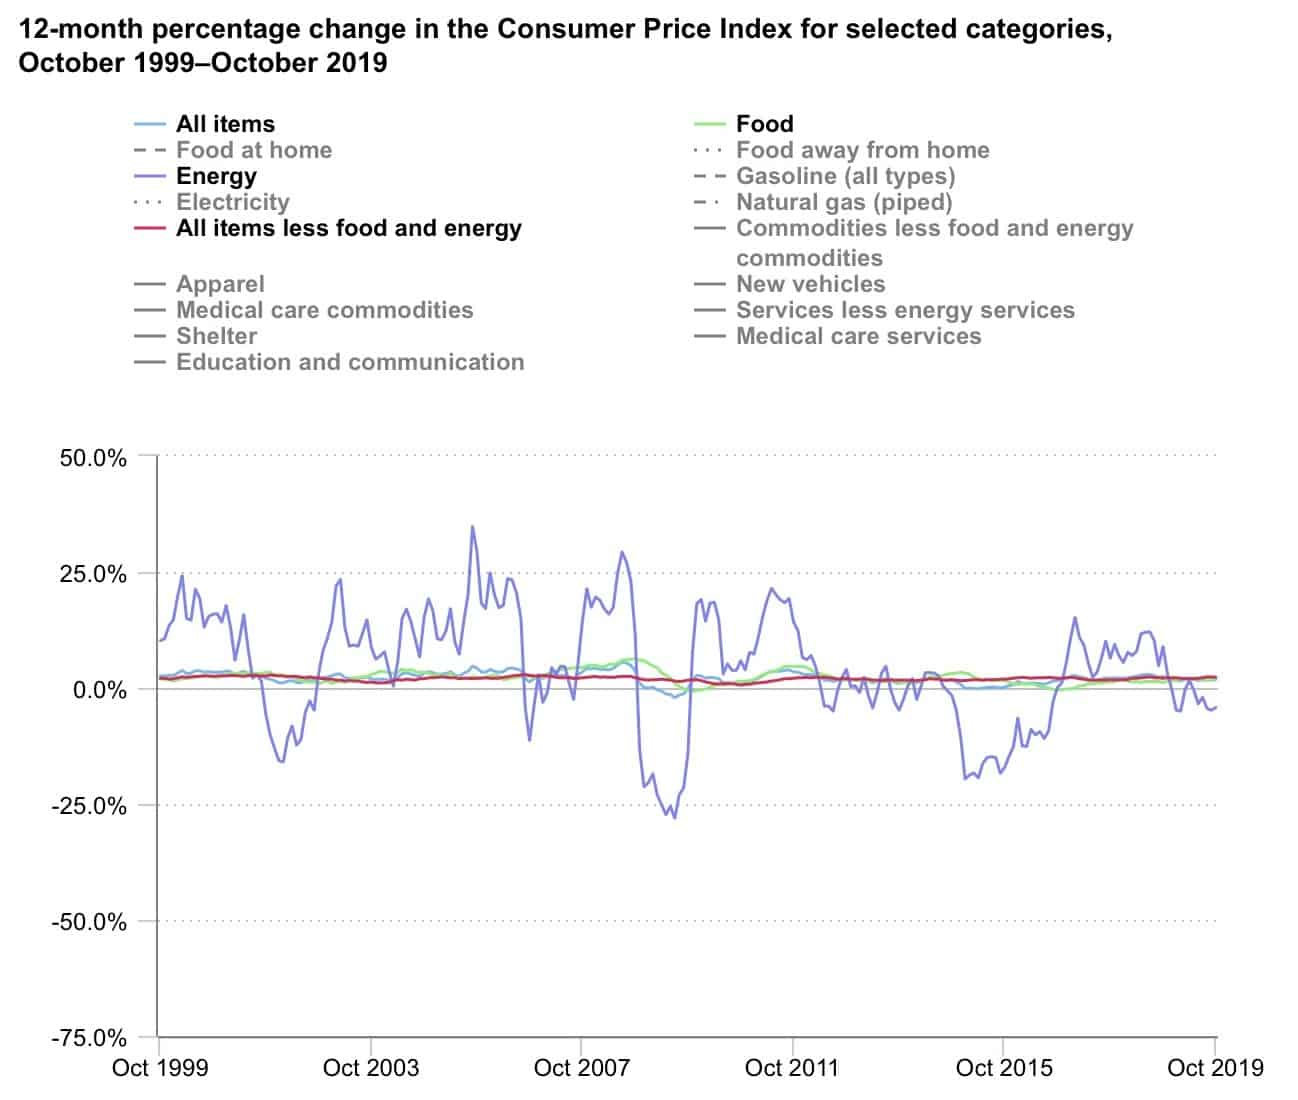 экономические индикаторы: CPI